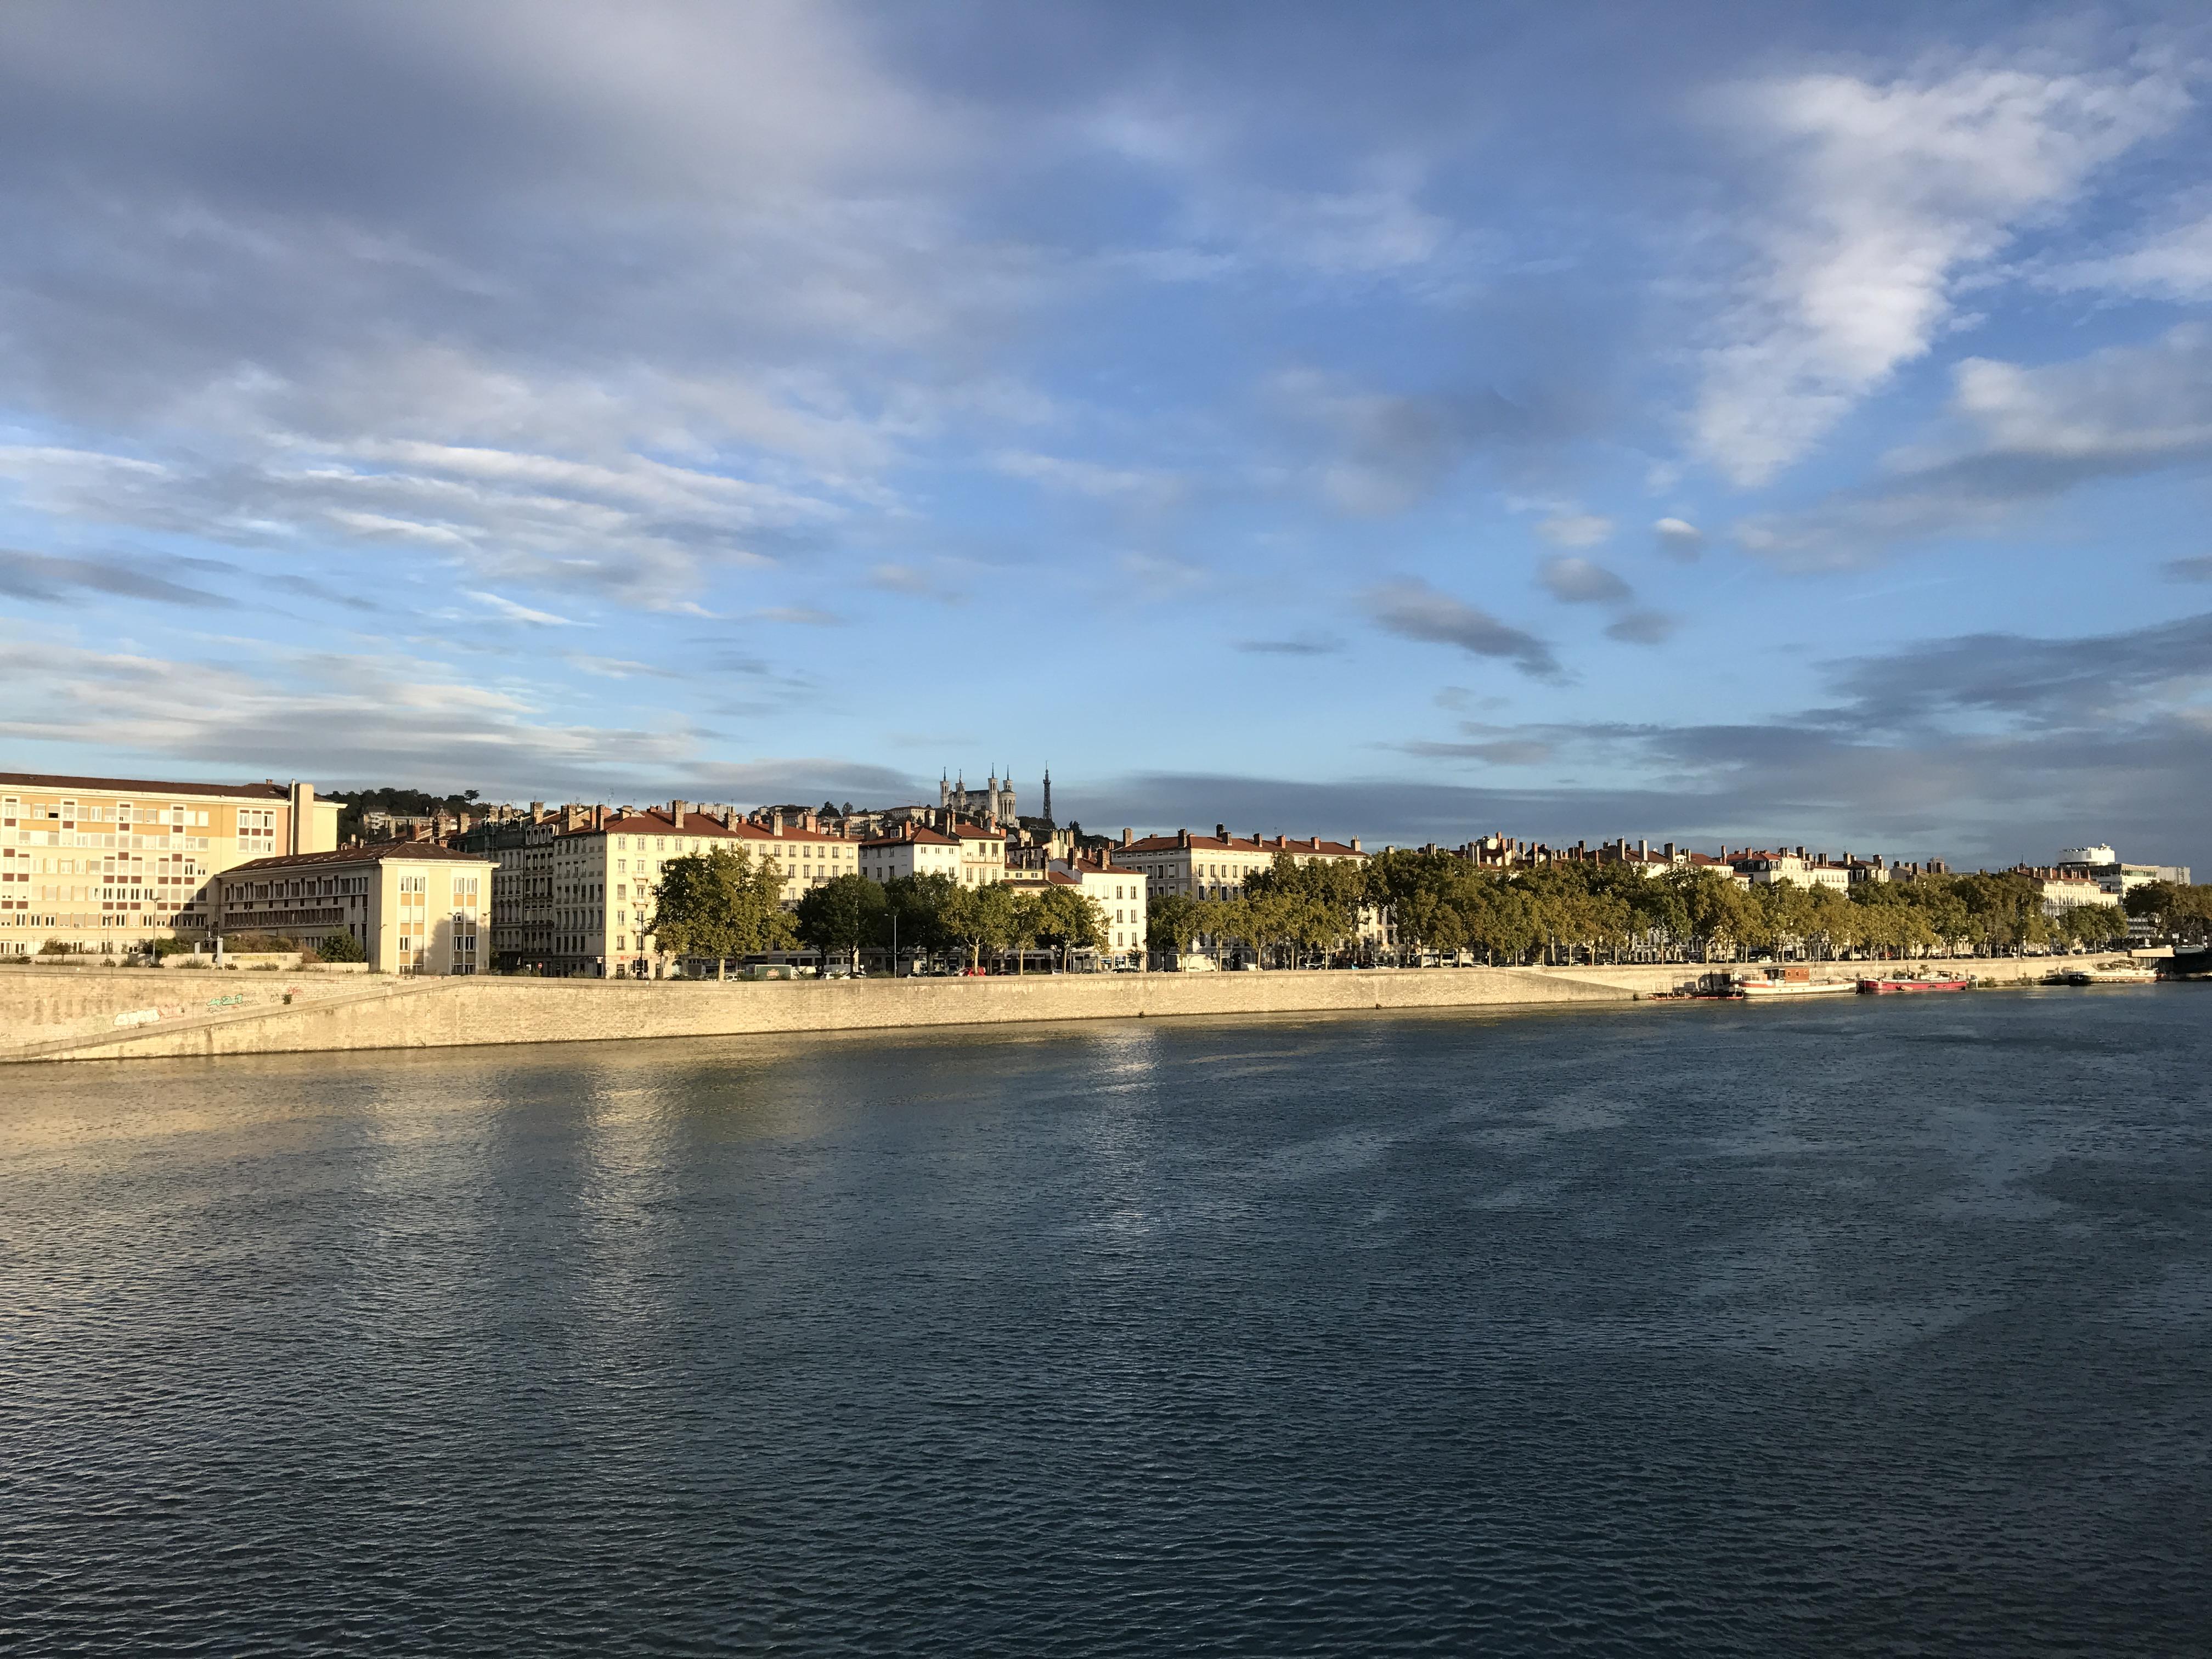 【フランス留学】渡仏8ヶ月経過。環境の再構築へ向けて。